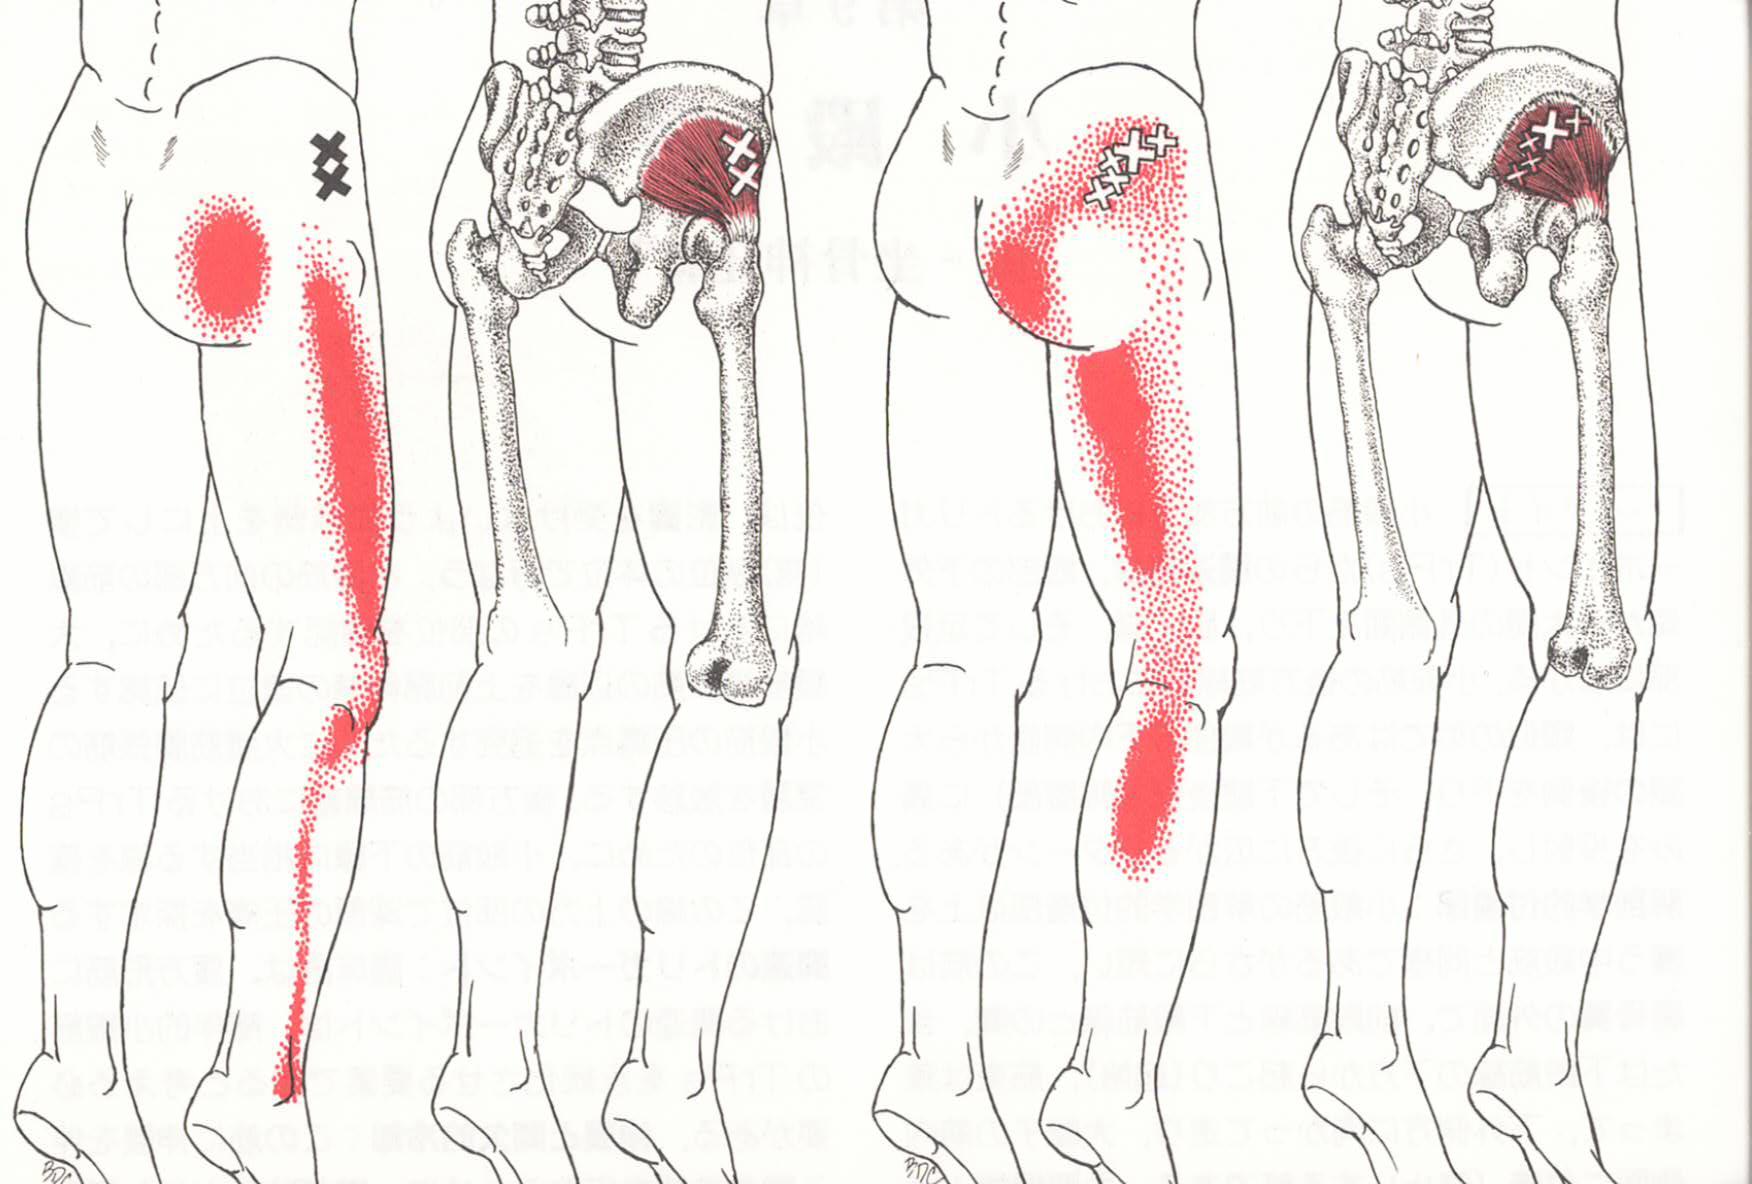 福岡で坐骨神経痛の治療を受けるなら「ラムサ福岡」|治療法を学ぶなら「ウェルネス福岡」で!